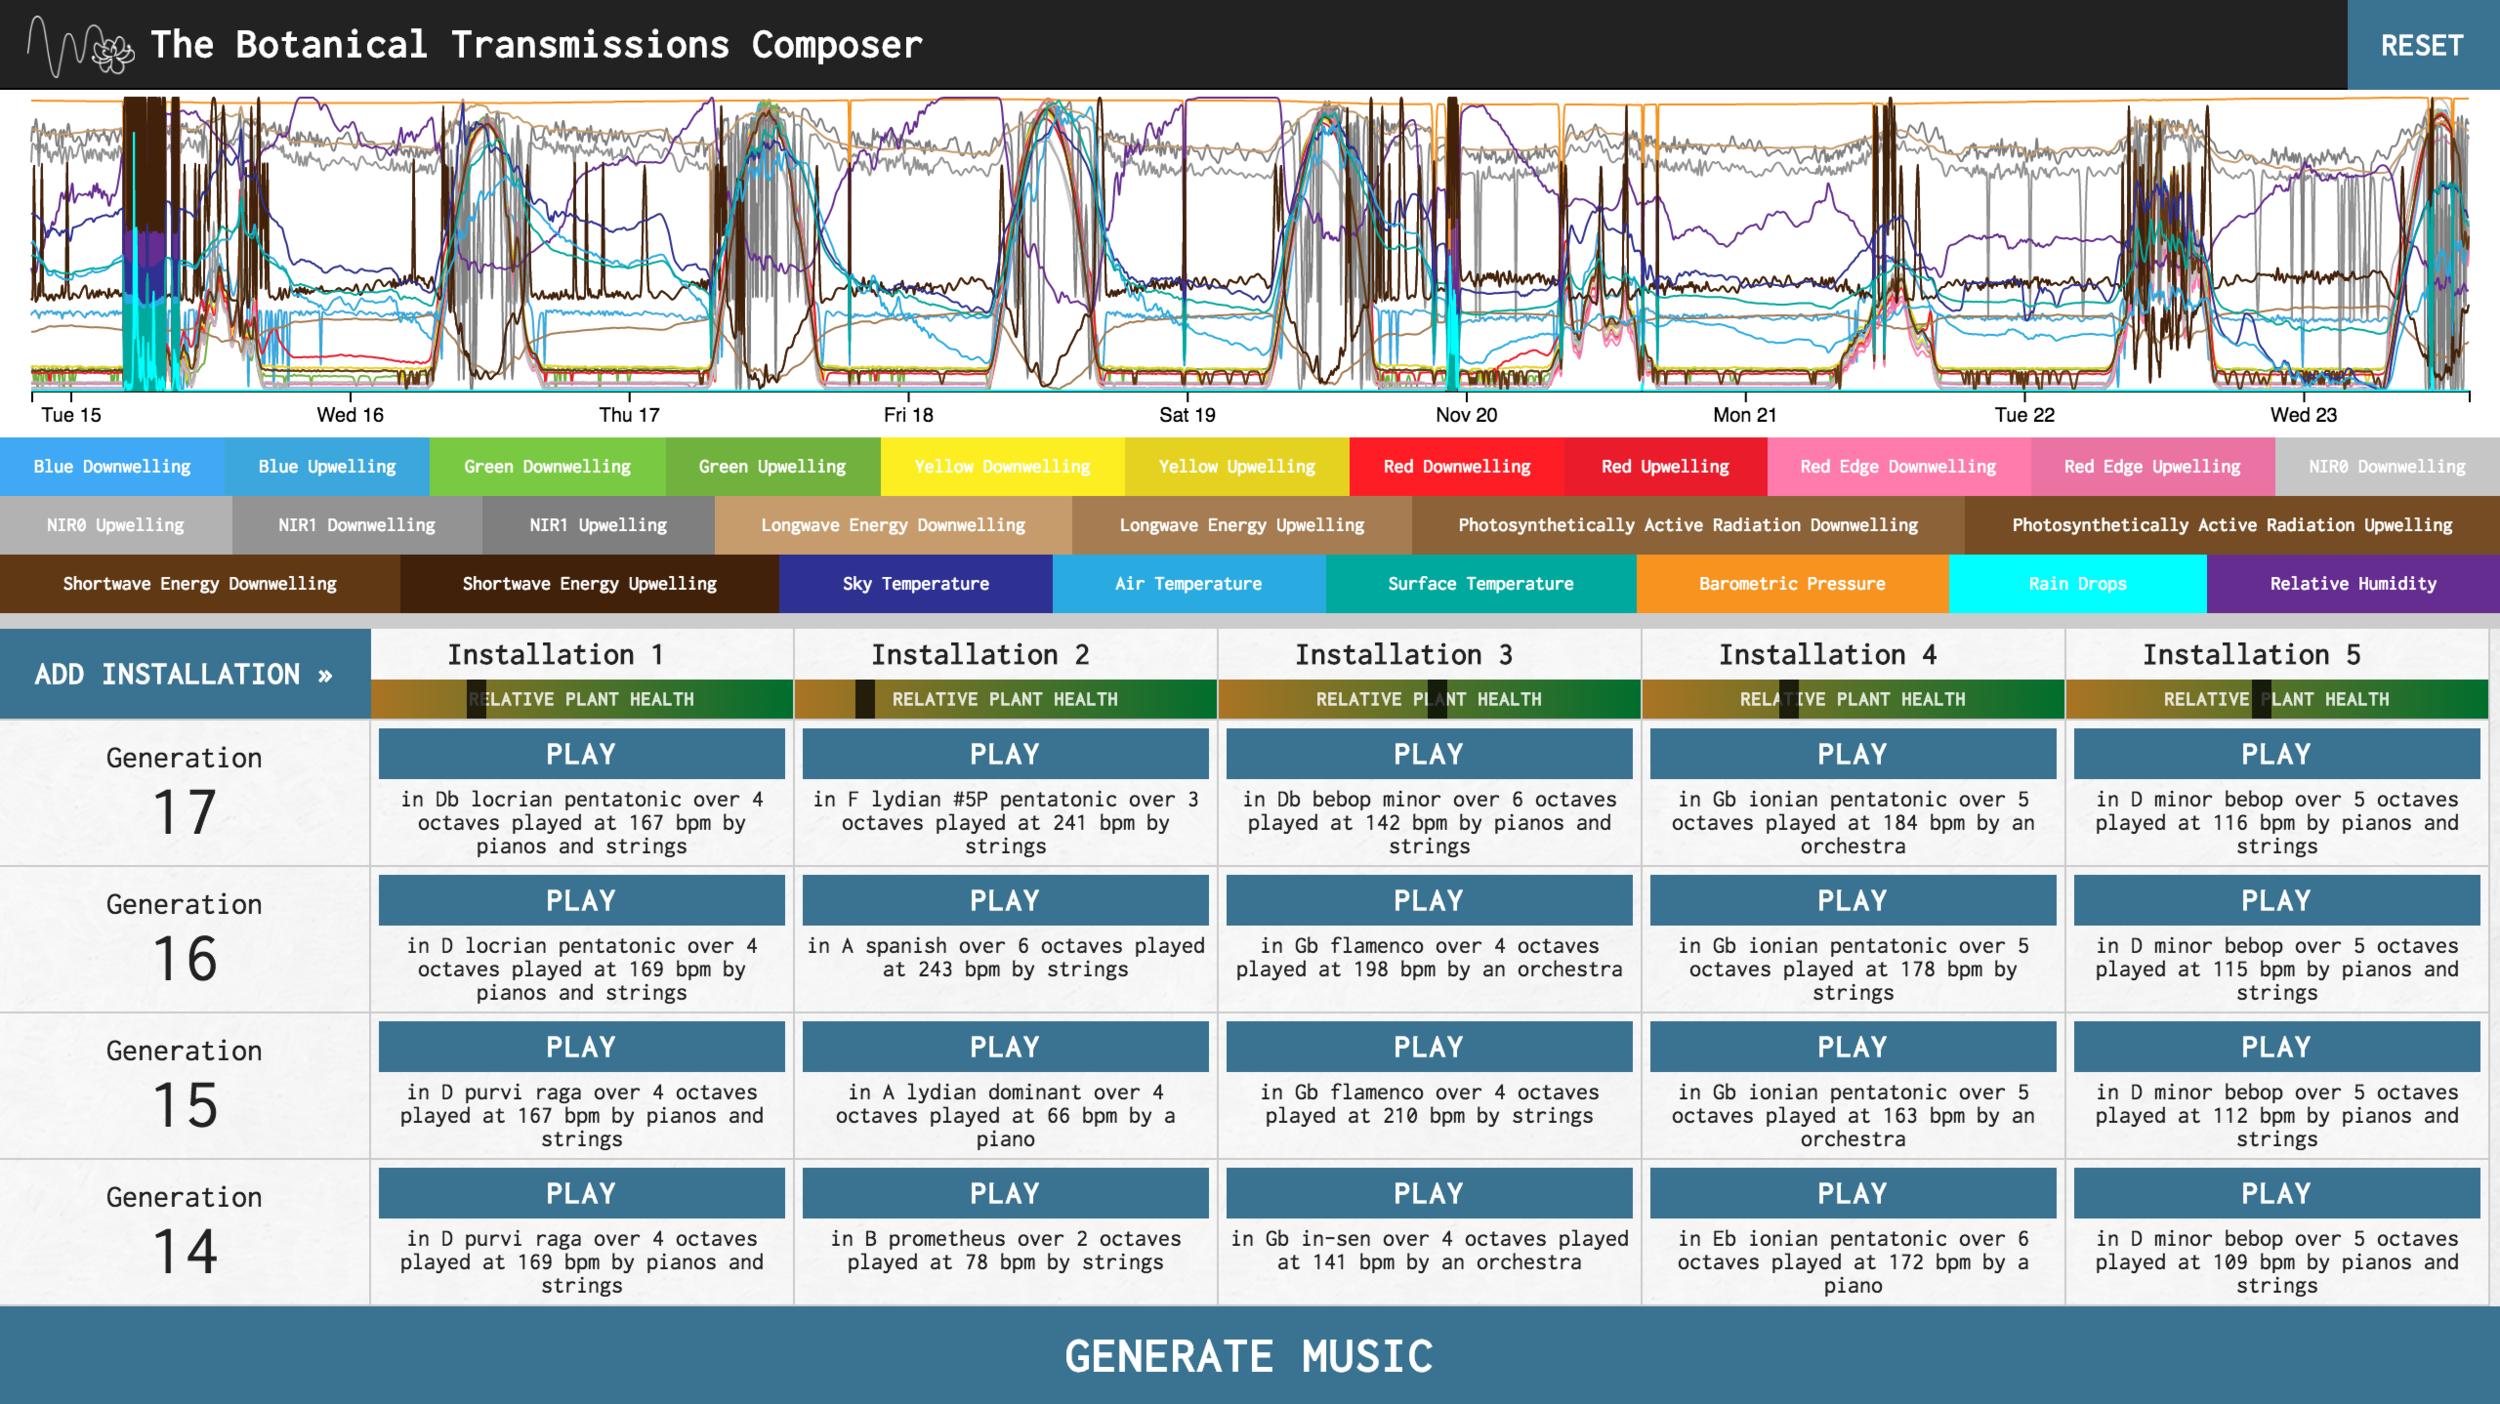 Botanical Transmissions: Digital Composer Interface